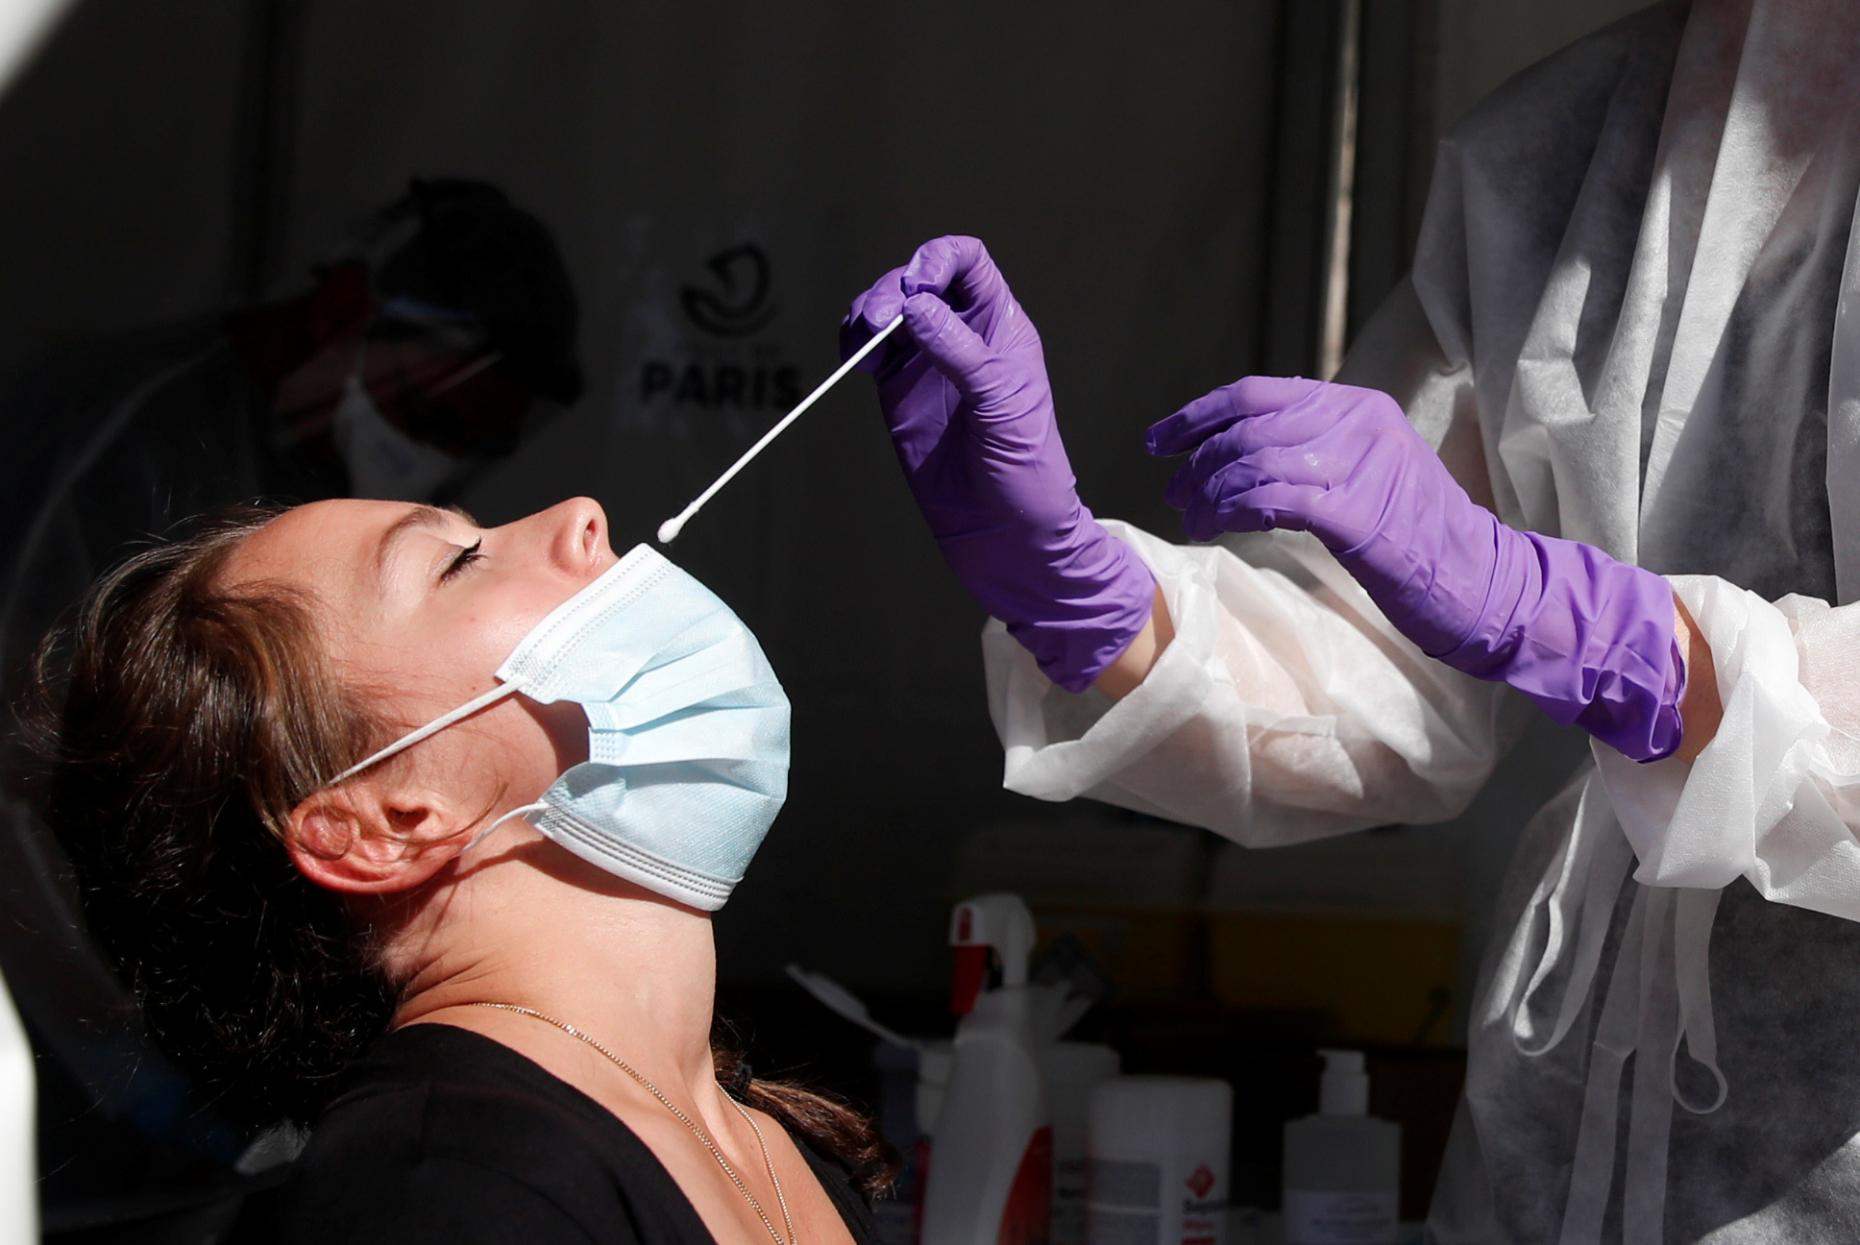 Hoy en La Pampa se detectaron 254 nuevos casos de COVID-19 y hay 10.996 personas aisladas